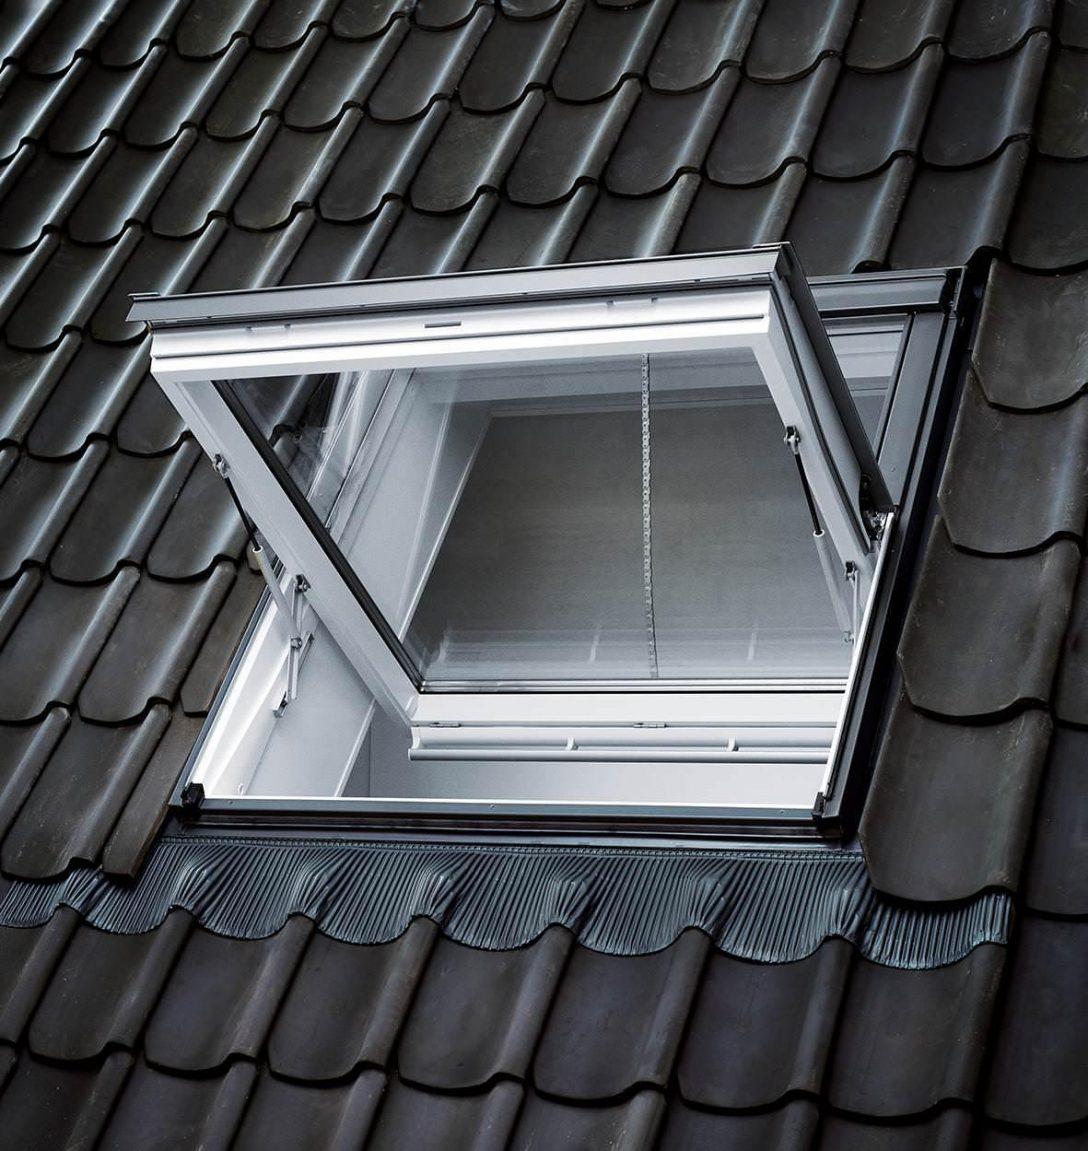 Large Size of Velux Fenster Preise Einbau Angebote Hornbach Dachfenster Preisliste 2019 Mit Veludachfenster Ggu 007040 Kunststoff Rauchabzugsfenster Thermo Ebay Rollos Fenster Velux Fenster Preise